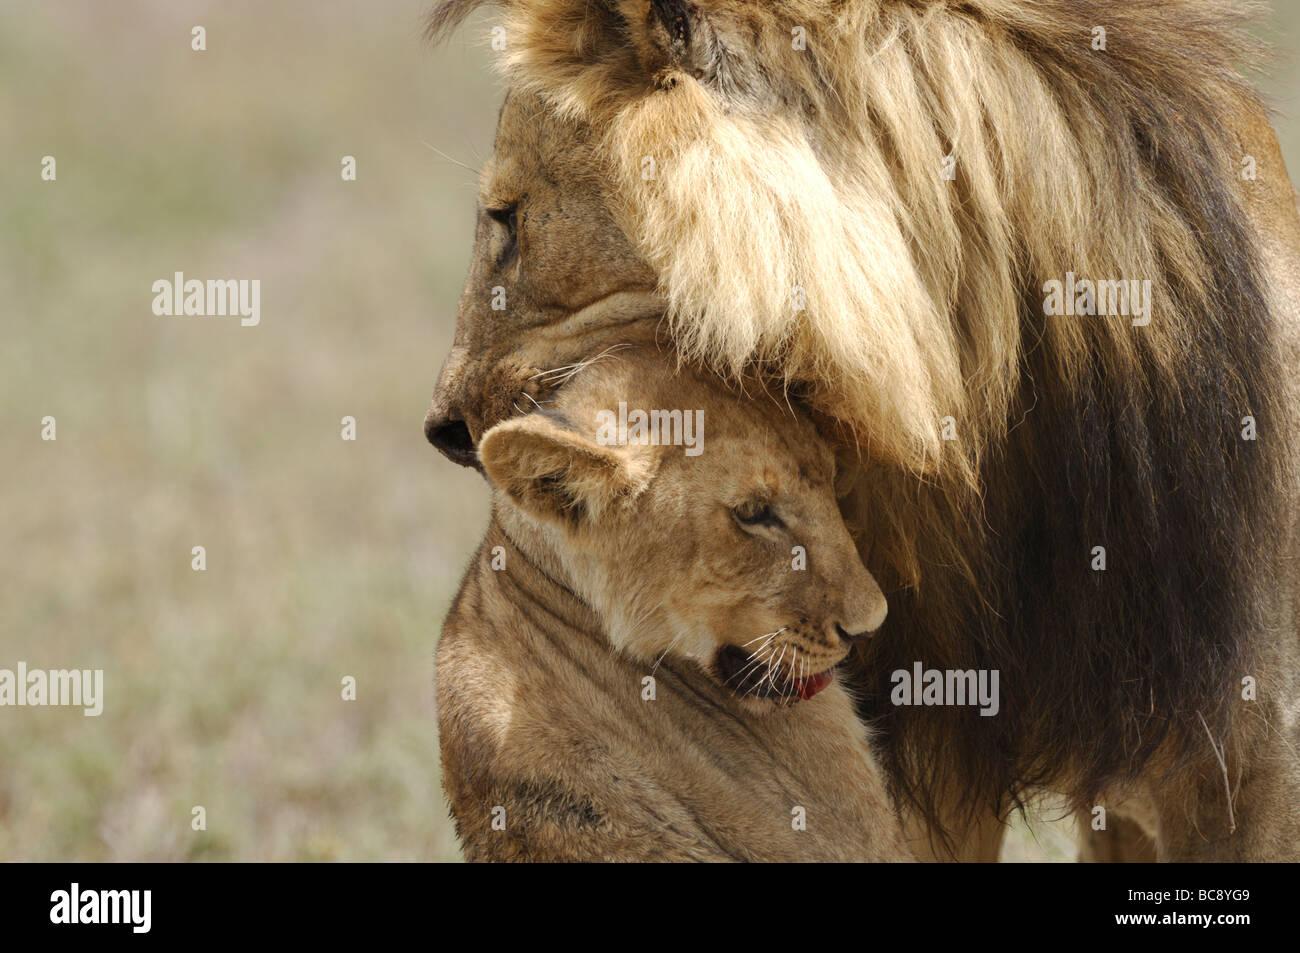 Stock Foto von einem großen männlichen Löwen angreifen und töten eine Cub, Ndutu, Tansania, Stockbild